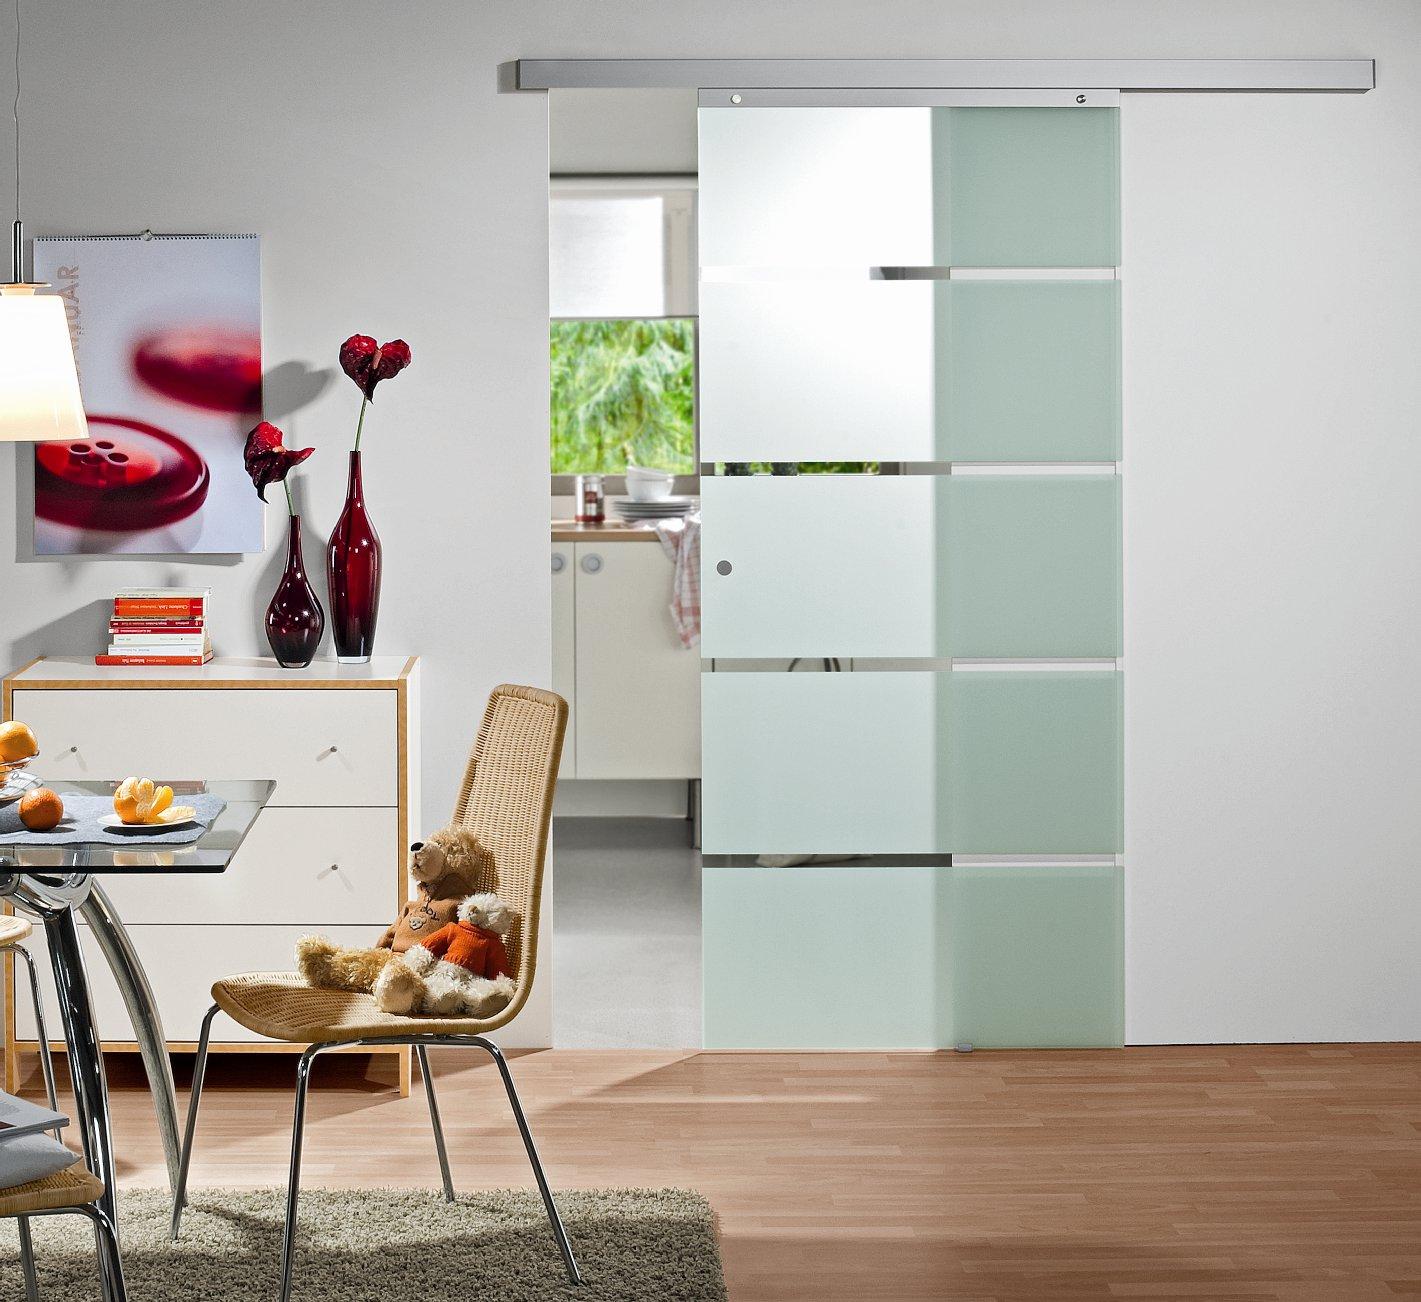 ganzglas schiebet r blockstreifen t ren f r innen baustoffe bauelemente baubedarf. Black Bedroom Furniture Sets. Home Design Ideas